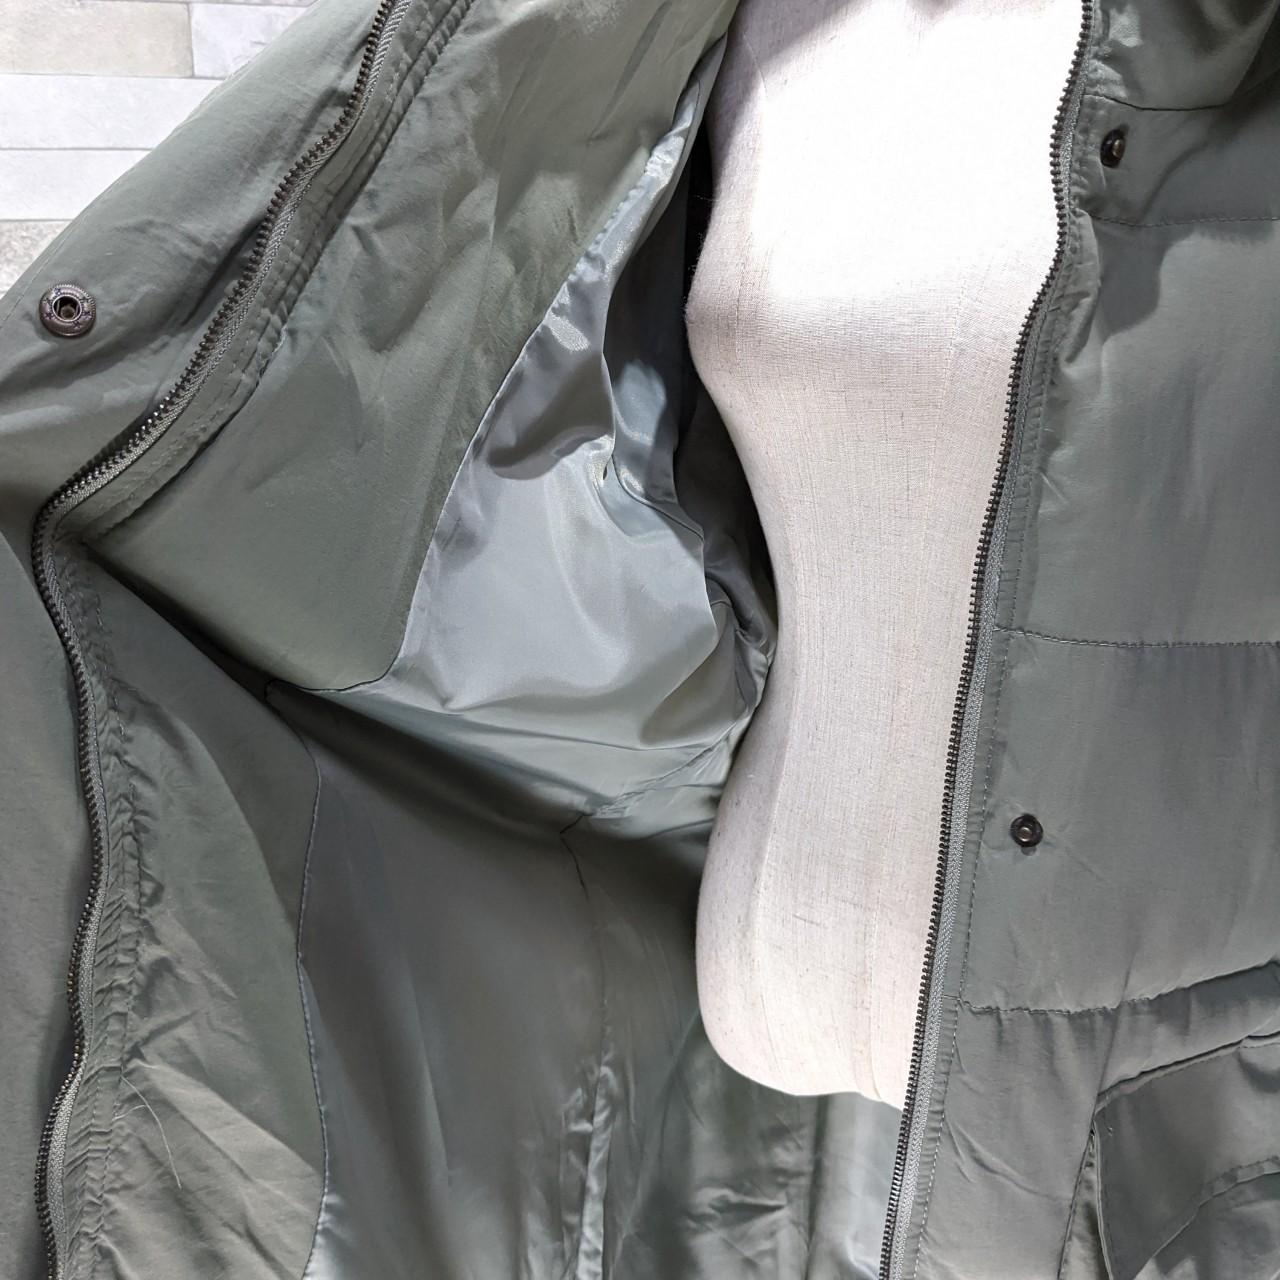 【即納】韓国 ファッション アウター ダウンジャケット ダウンコート 秋 冬 カジュアル SPTXD596  ペールカラー もこもこ ロング オーバーサイズ エコ オルチャン シンプル 定番 セレカジの写真17枚目